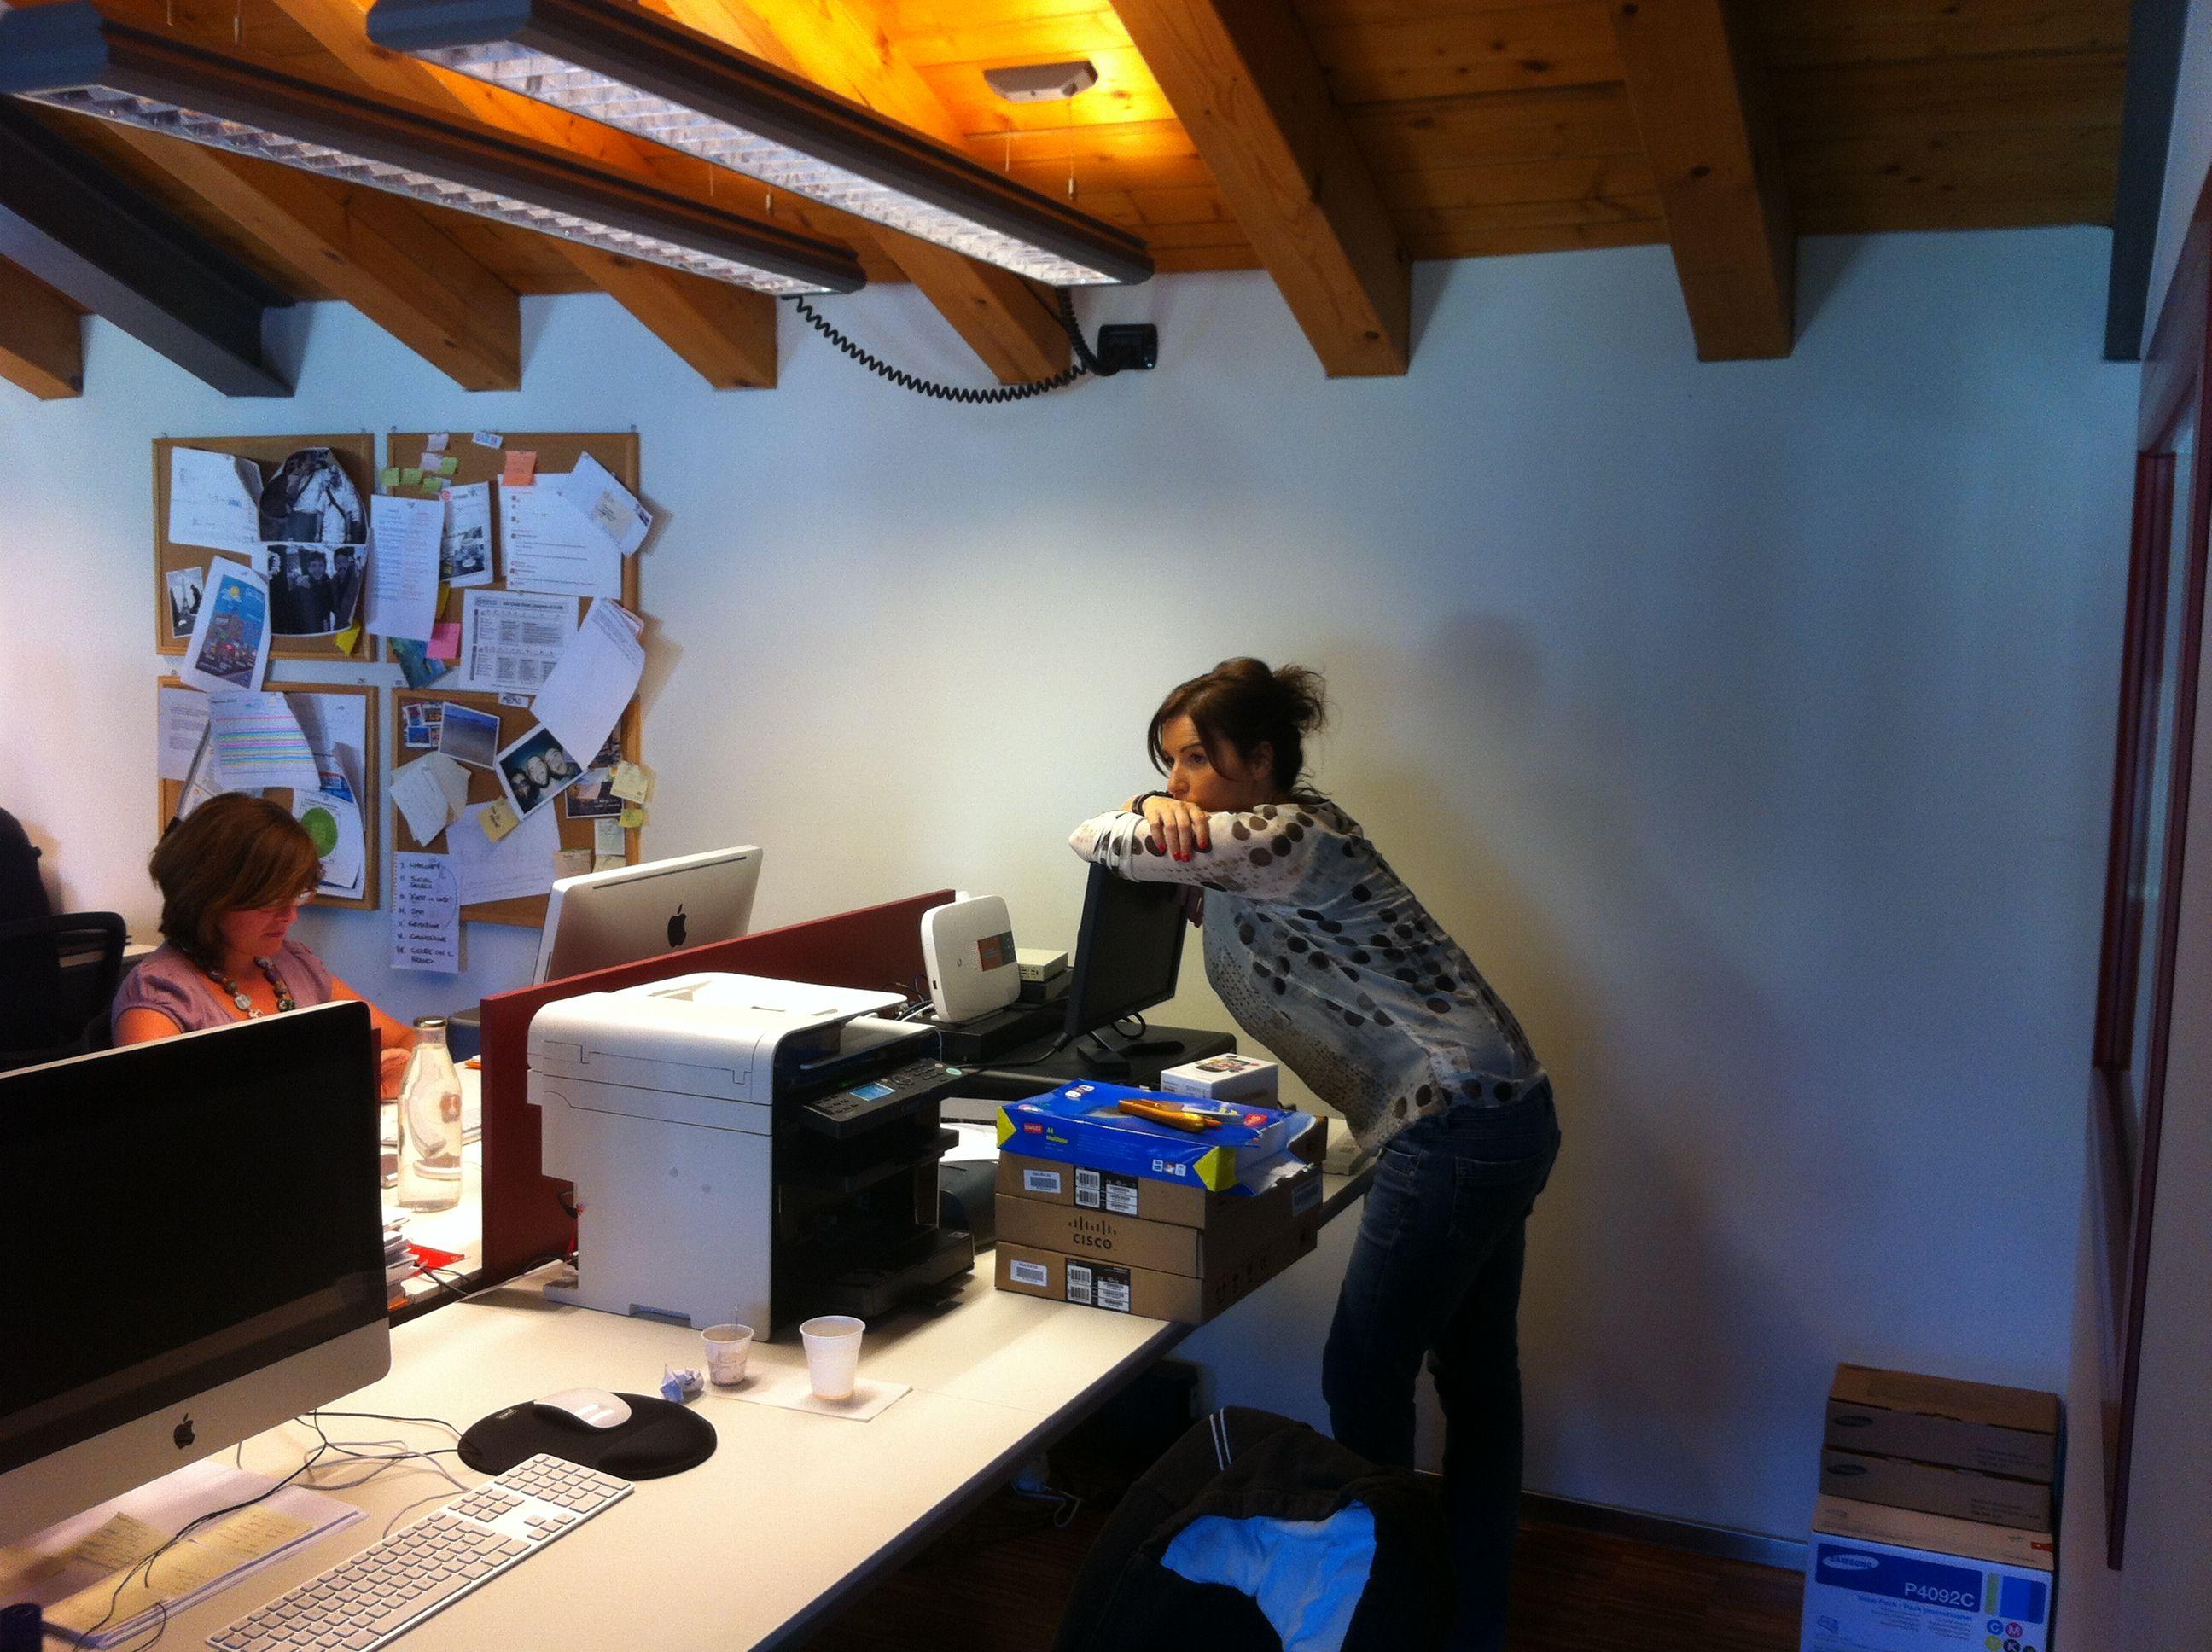 Debora | More @ www.mocainteractive.com  #work #office